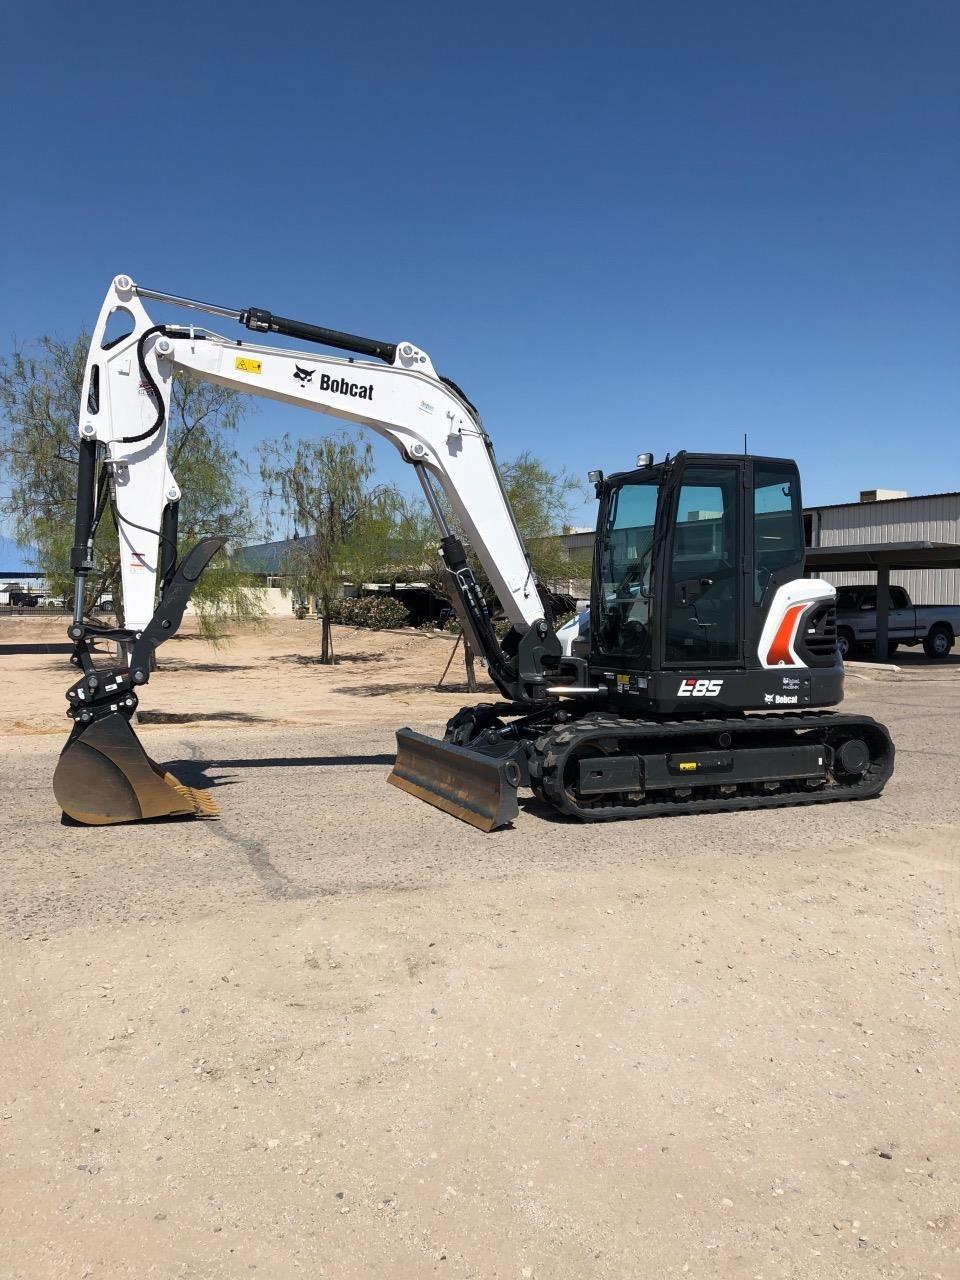 2019 Bobcat E85 Excavators and Mini Excavator